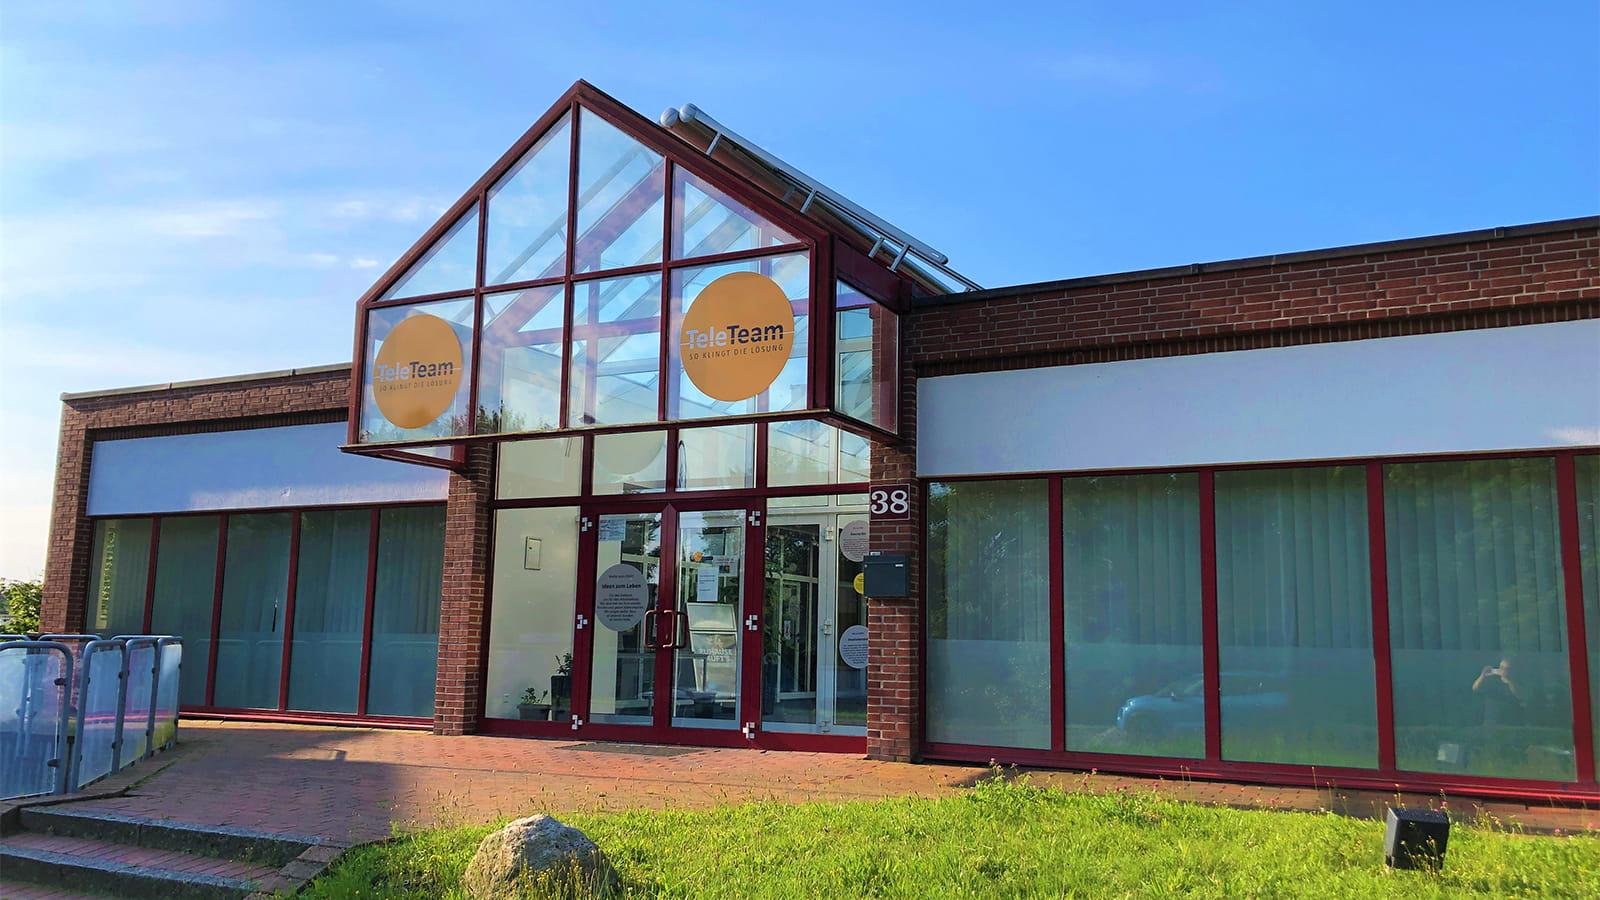 Bild von dem TeleTeam Call-Center und Service GmbH Büro in Rostocker Chaussee 38 in Stralsund